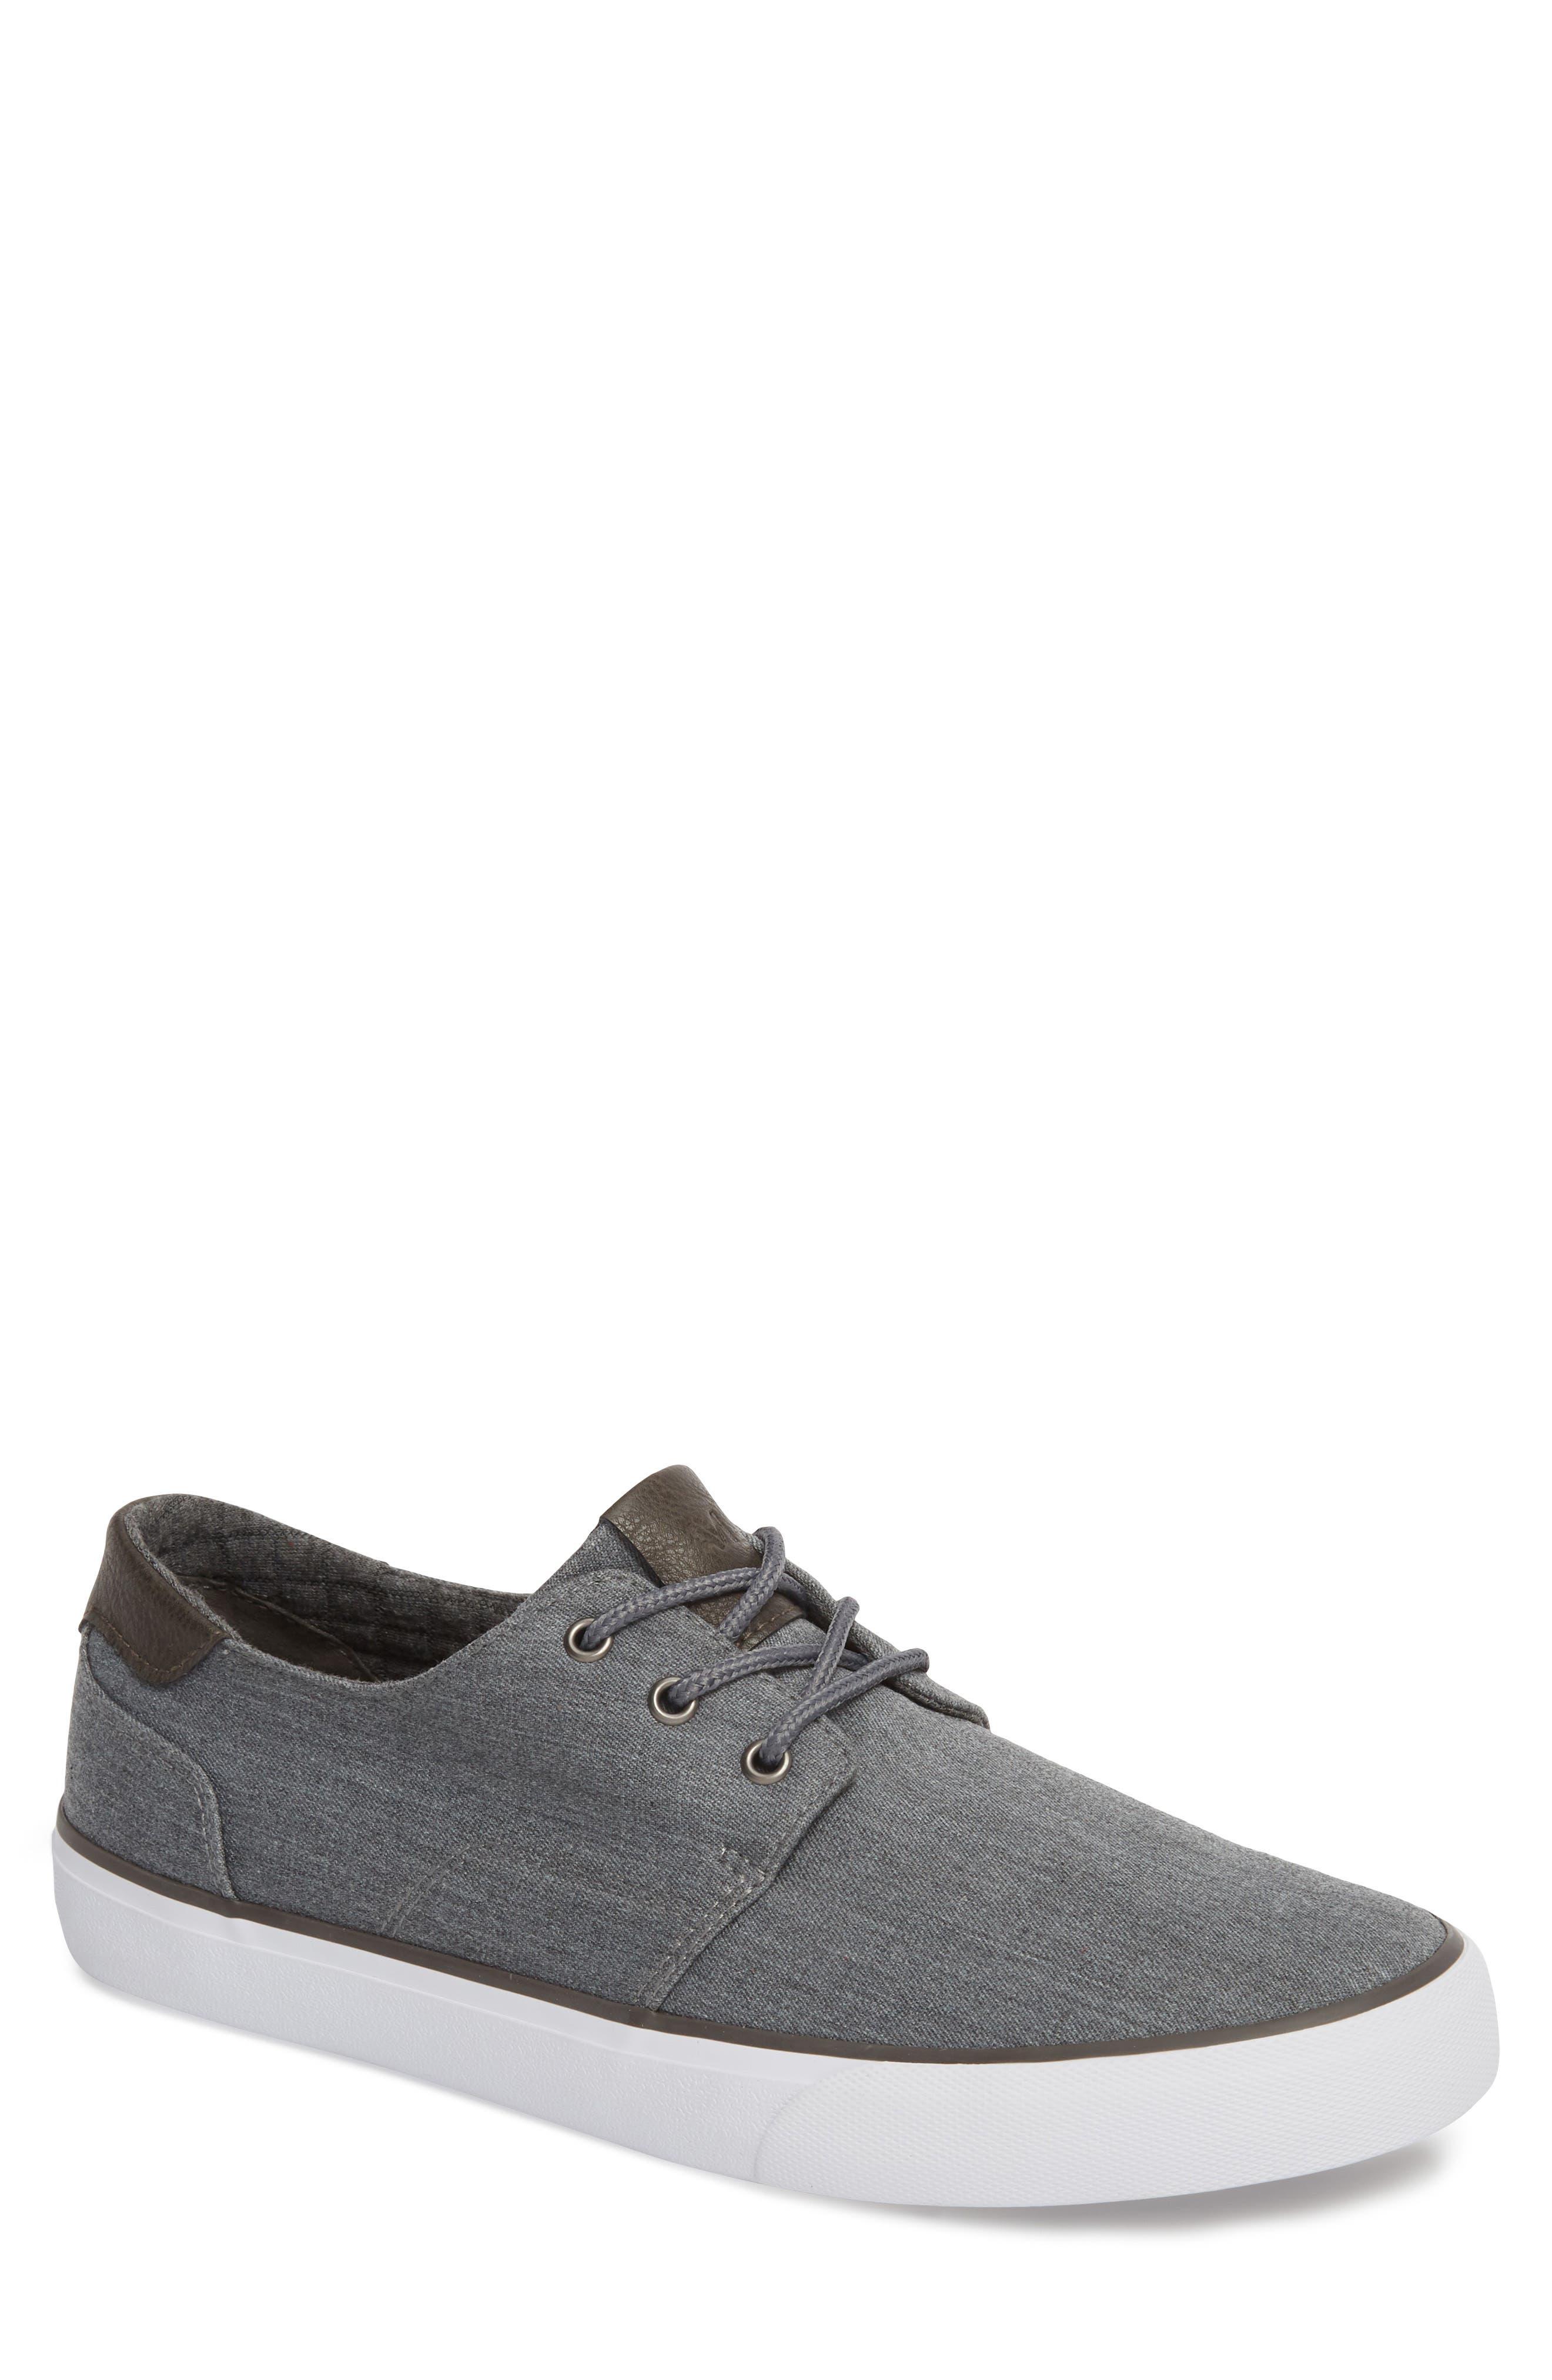 Briggs Low Top Sneaker,                         Main,                         color, CHARCOAL/ DARK GREY/ WHITE